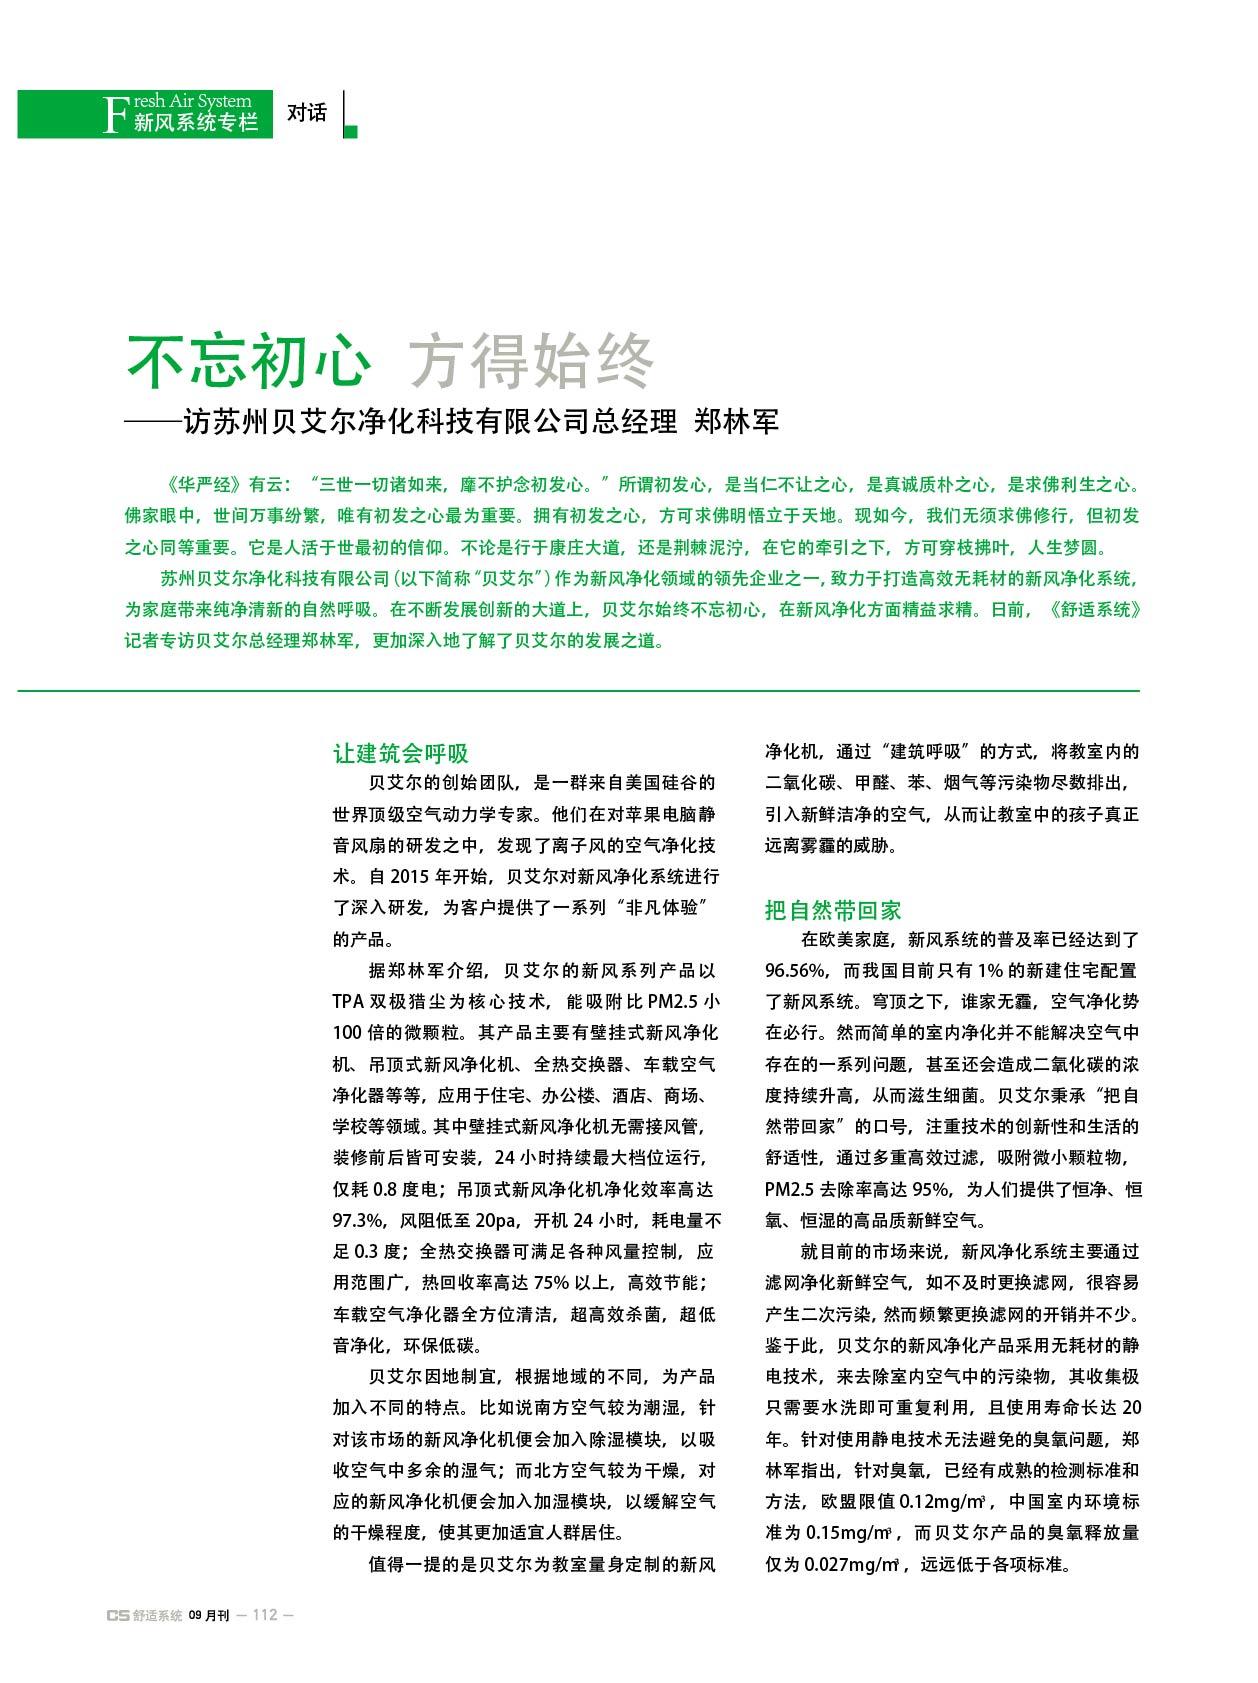 杂志专访  CS舒适家居对话贝艾尔总经理郑林军